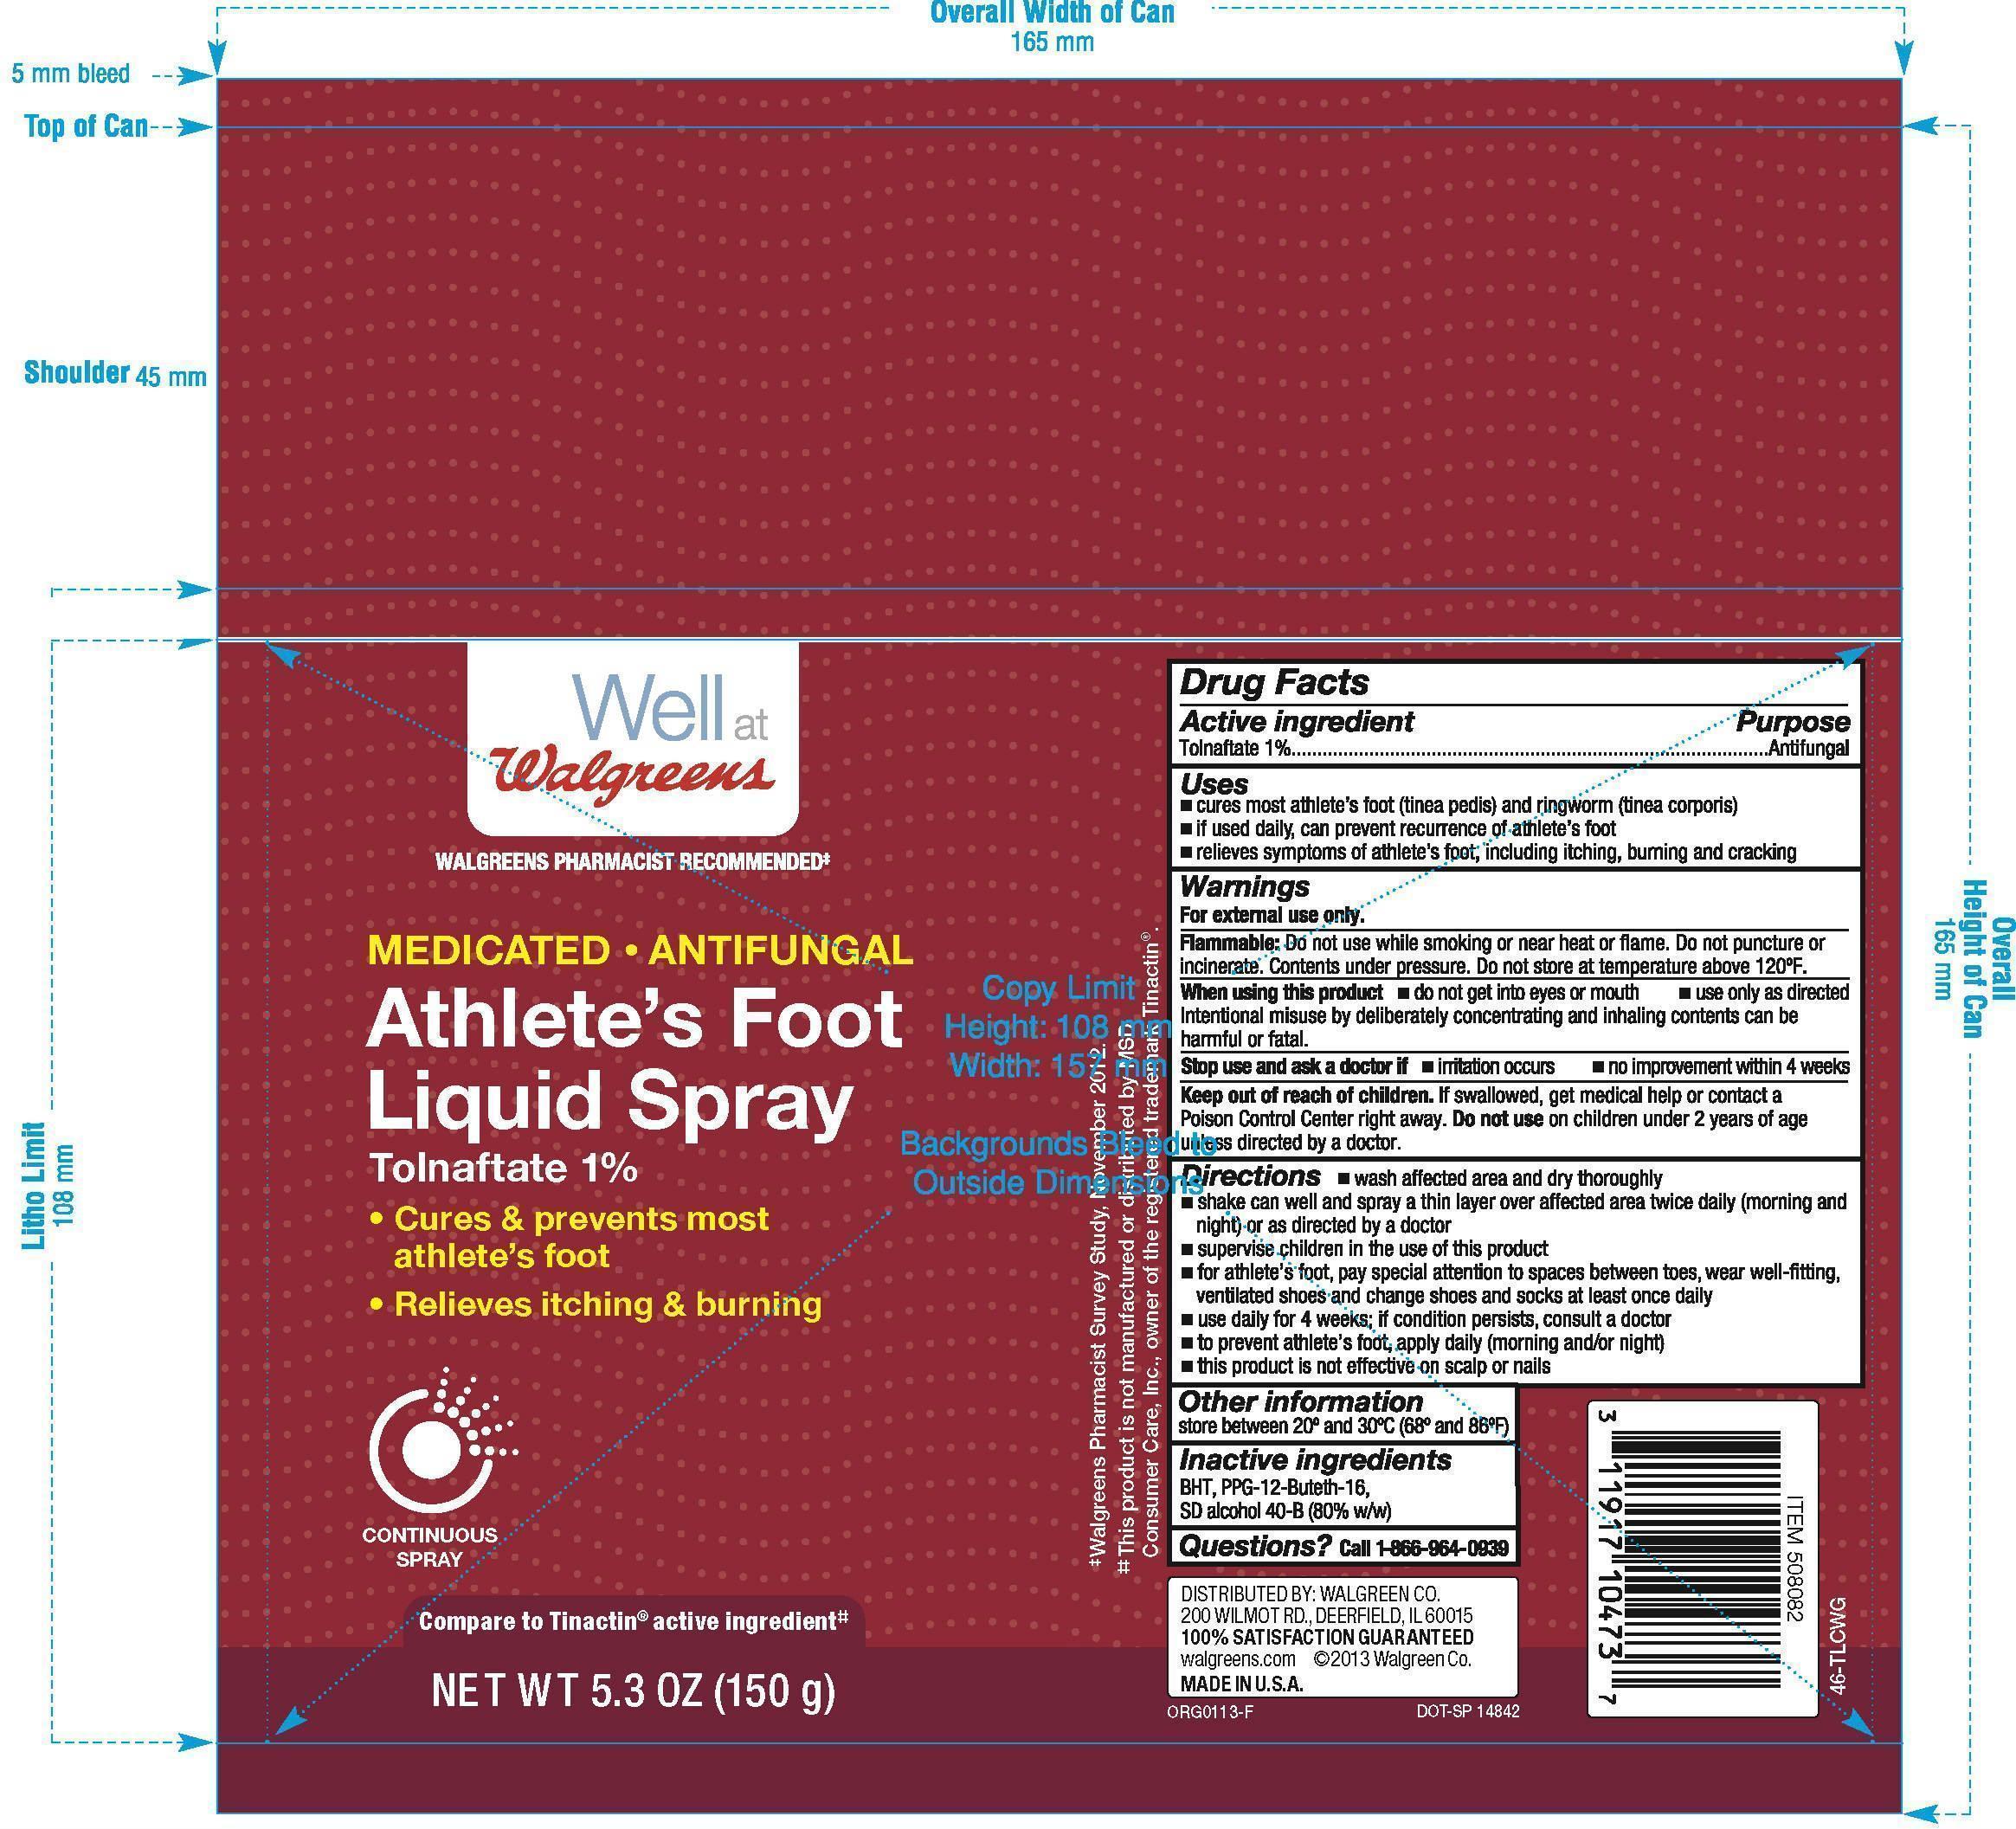 WAL AF Cont Liq Tol Spray CAN.jpg